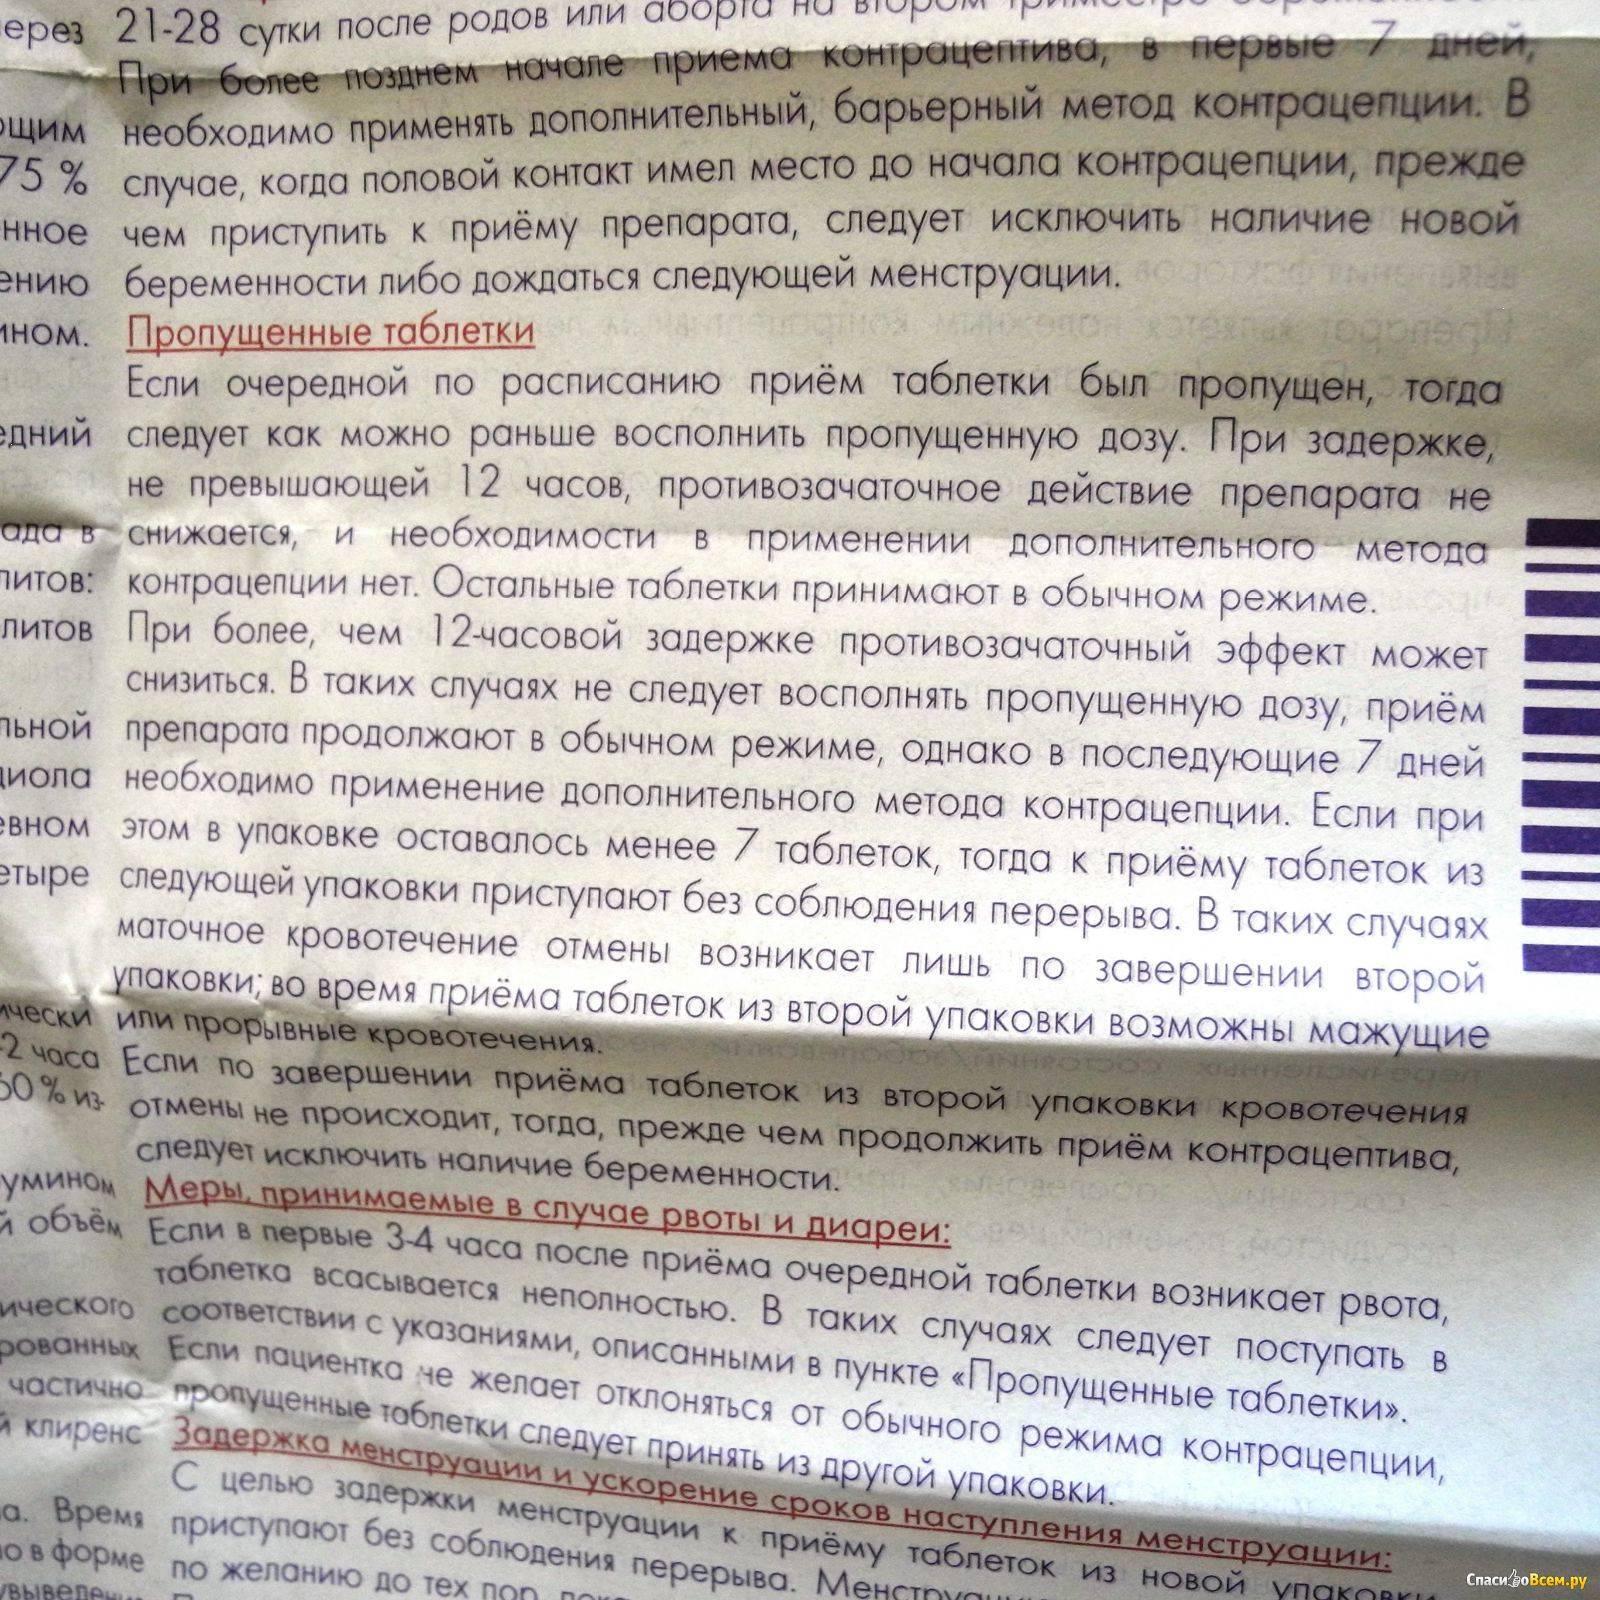 Правила отмены противозачаточных таблеток